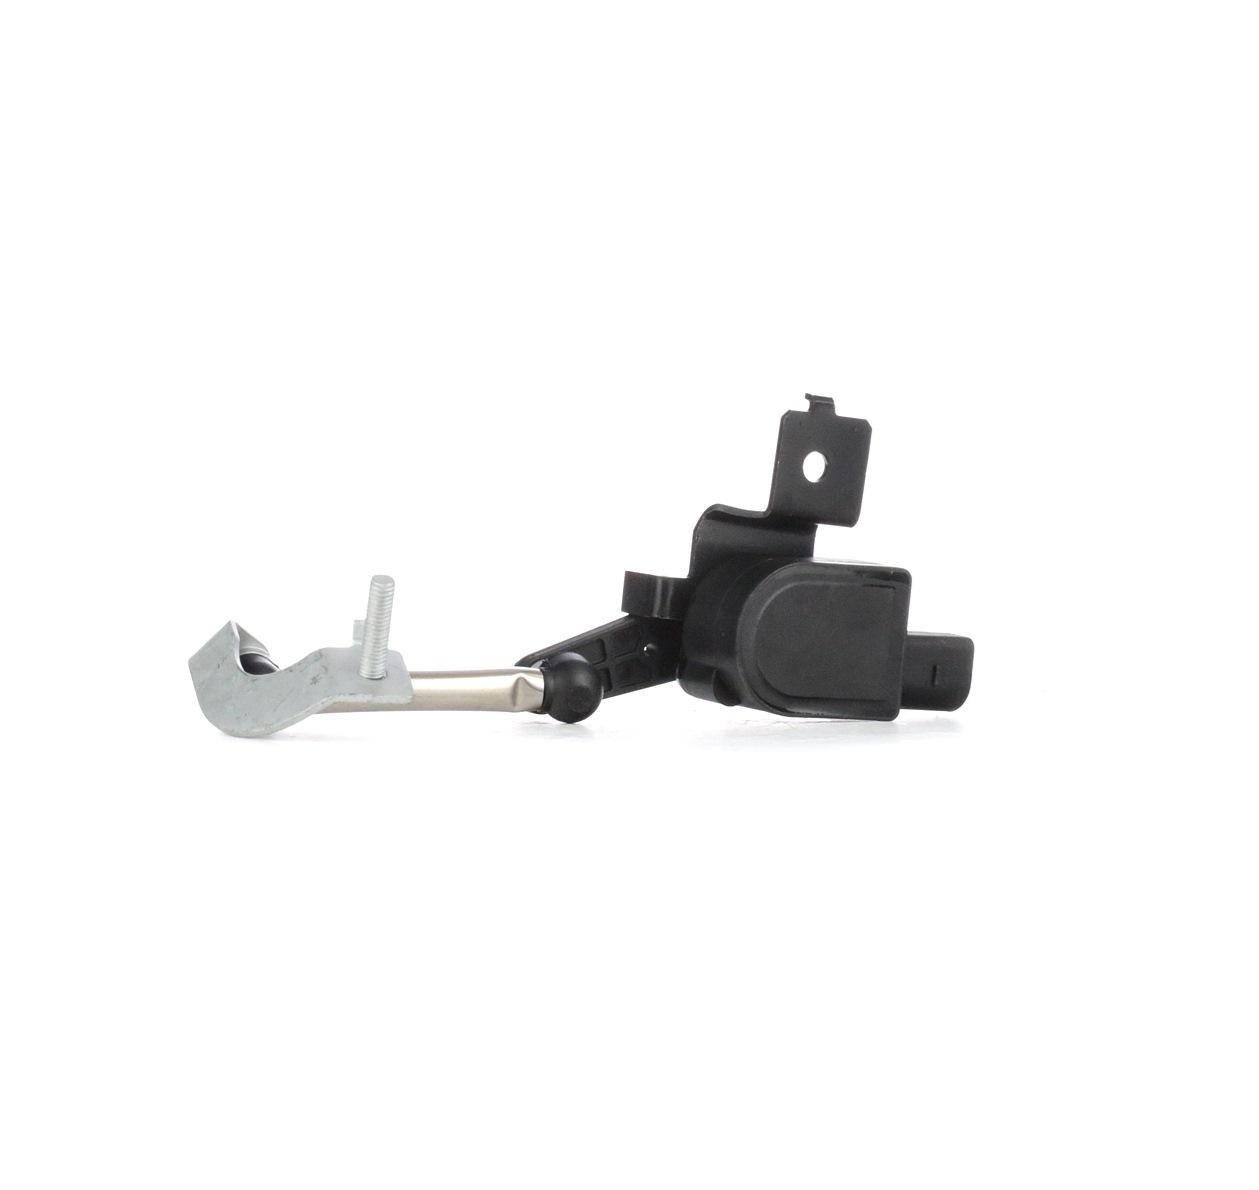 Original NISSAN Sensor, Xenonlicht (Leuchtweiteregulierung) 3721S0013